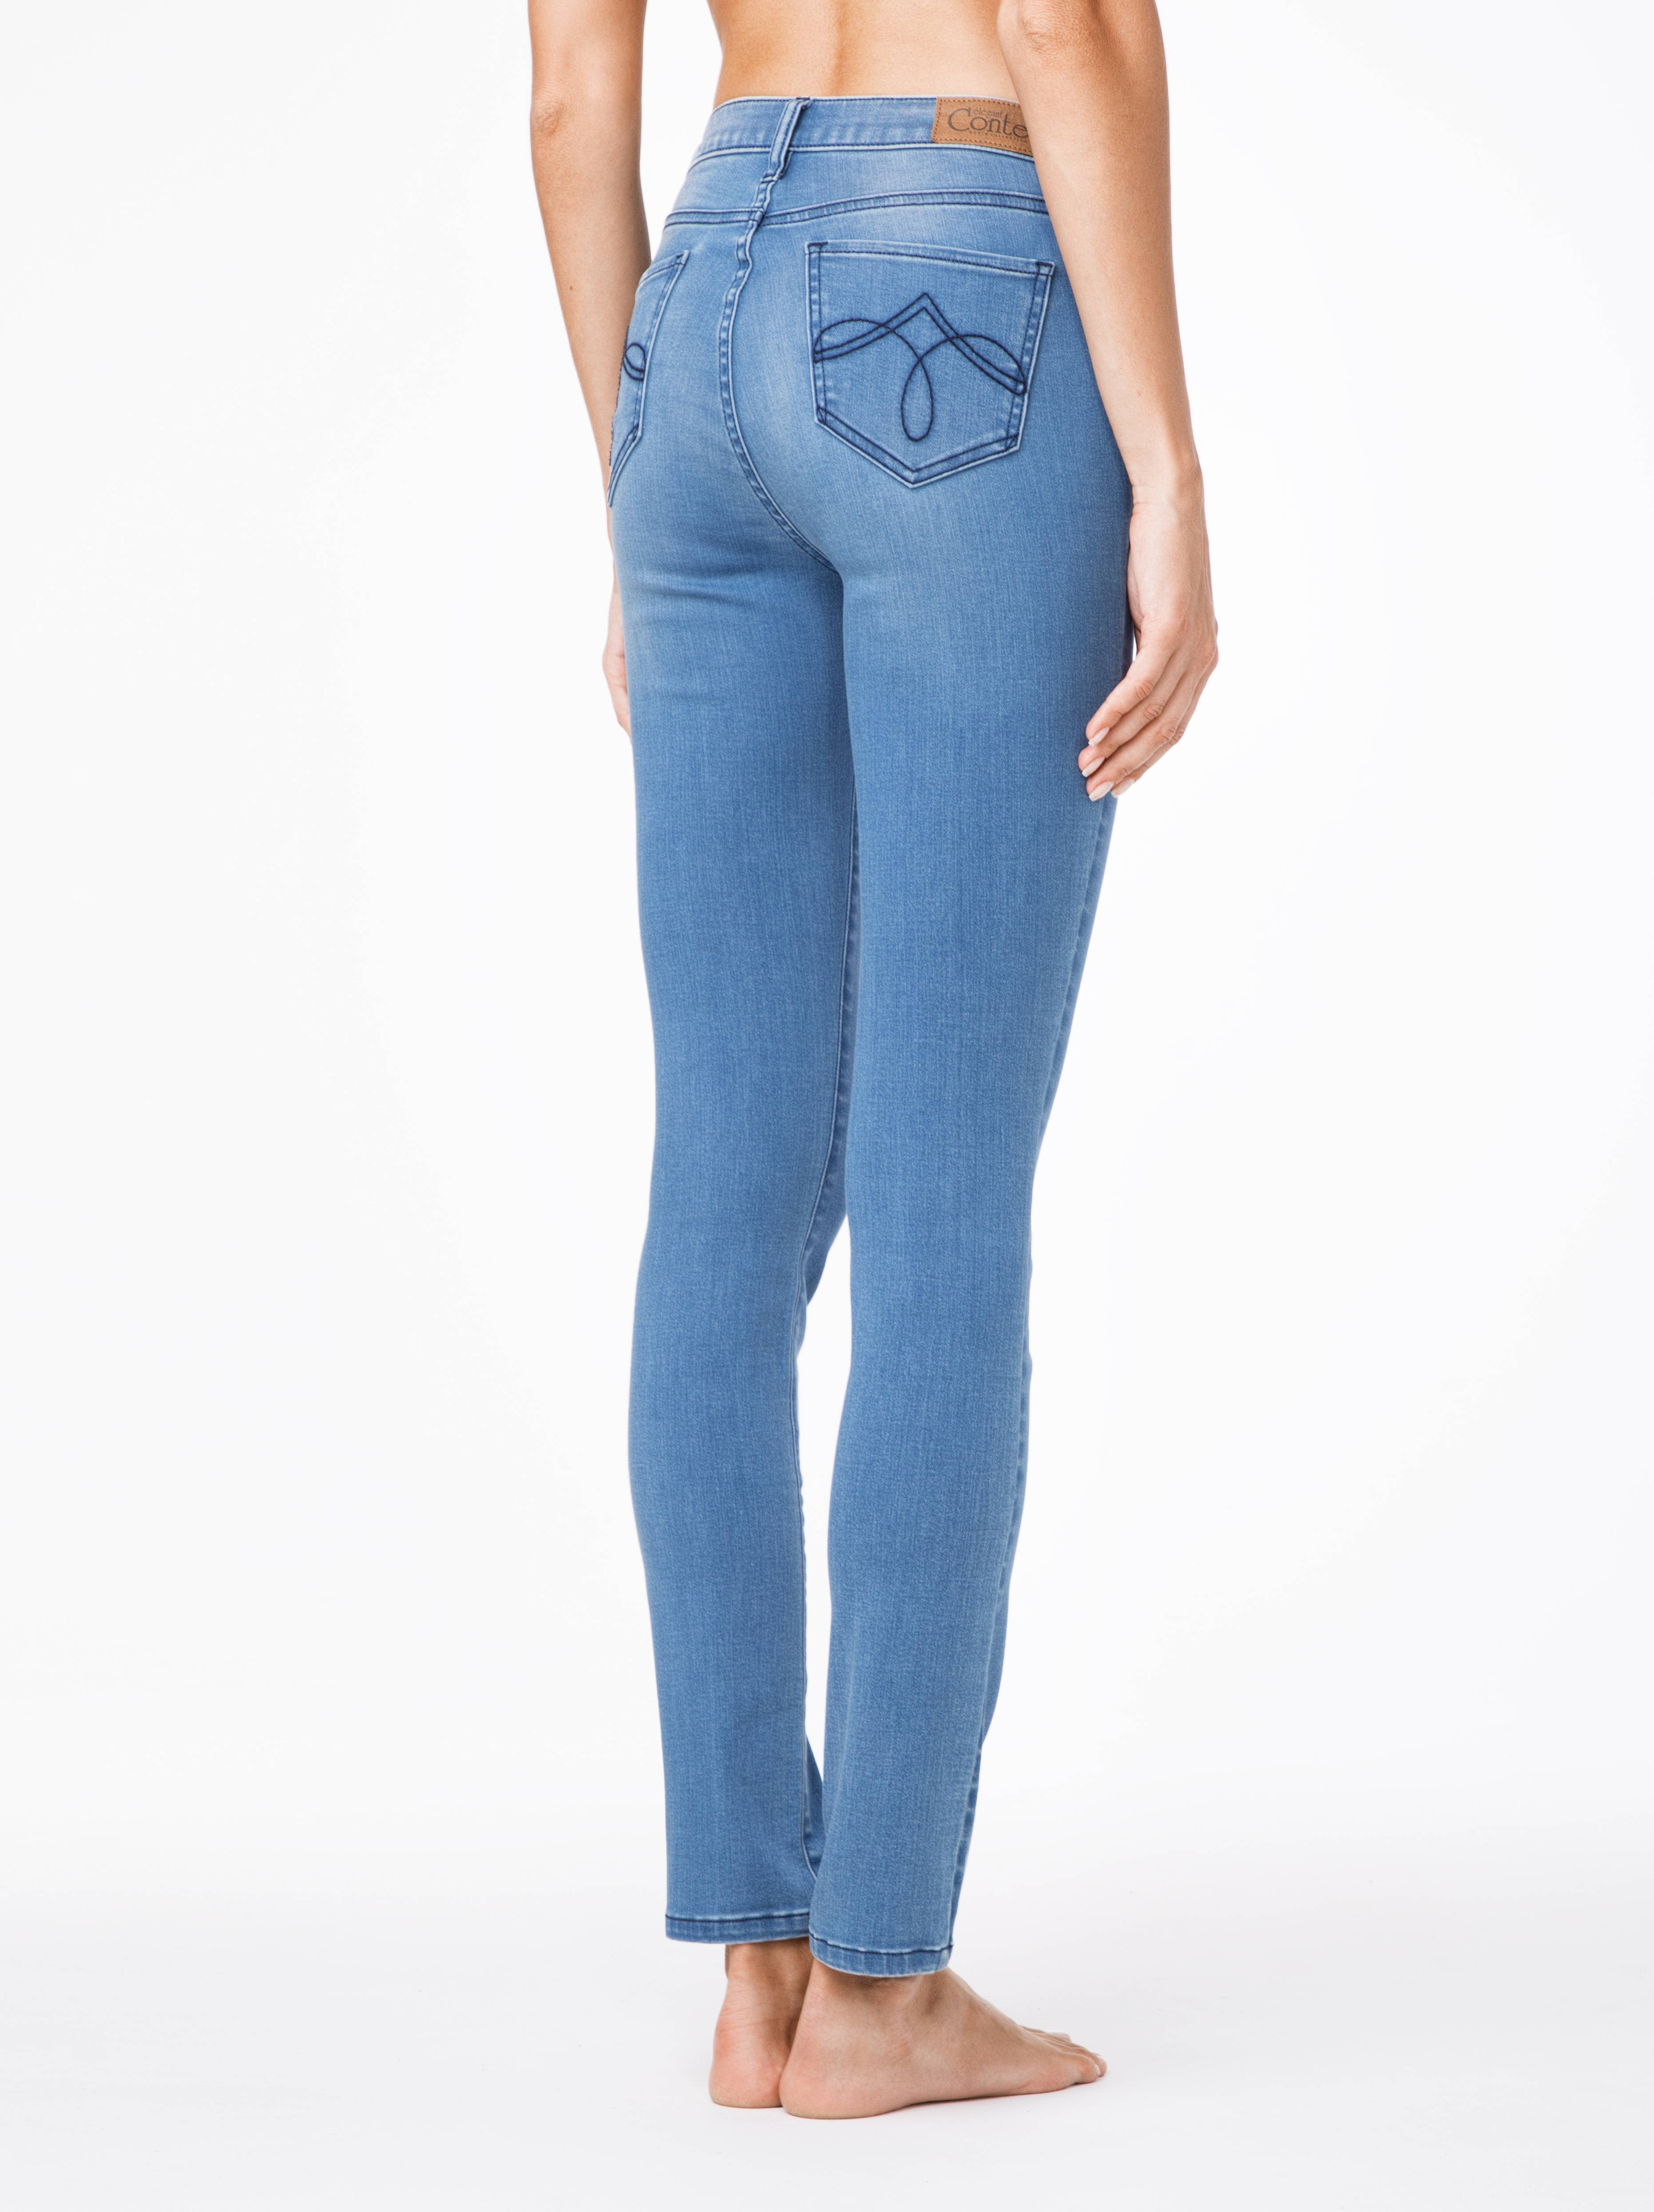 Фото 9 - Джинсы женские классические Conte темно-синего цвета